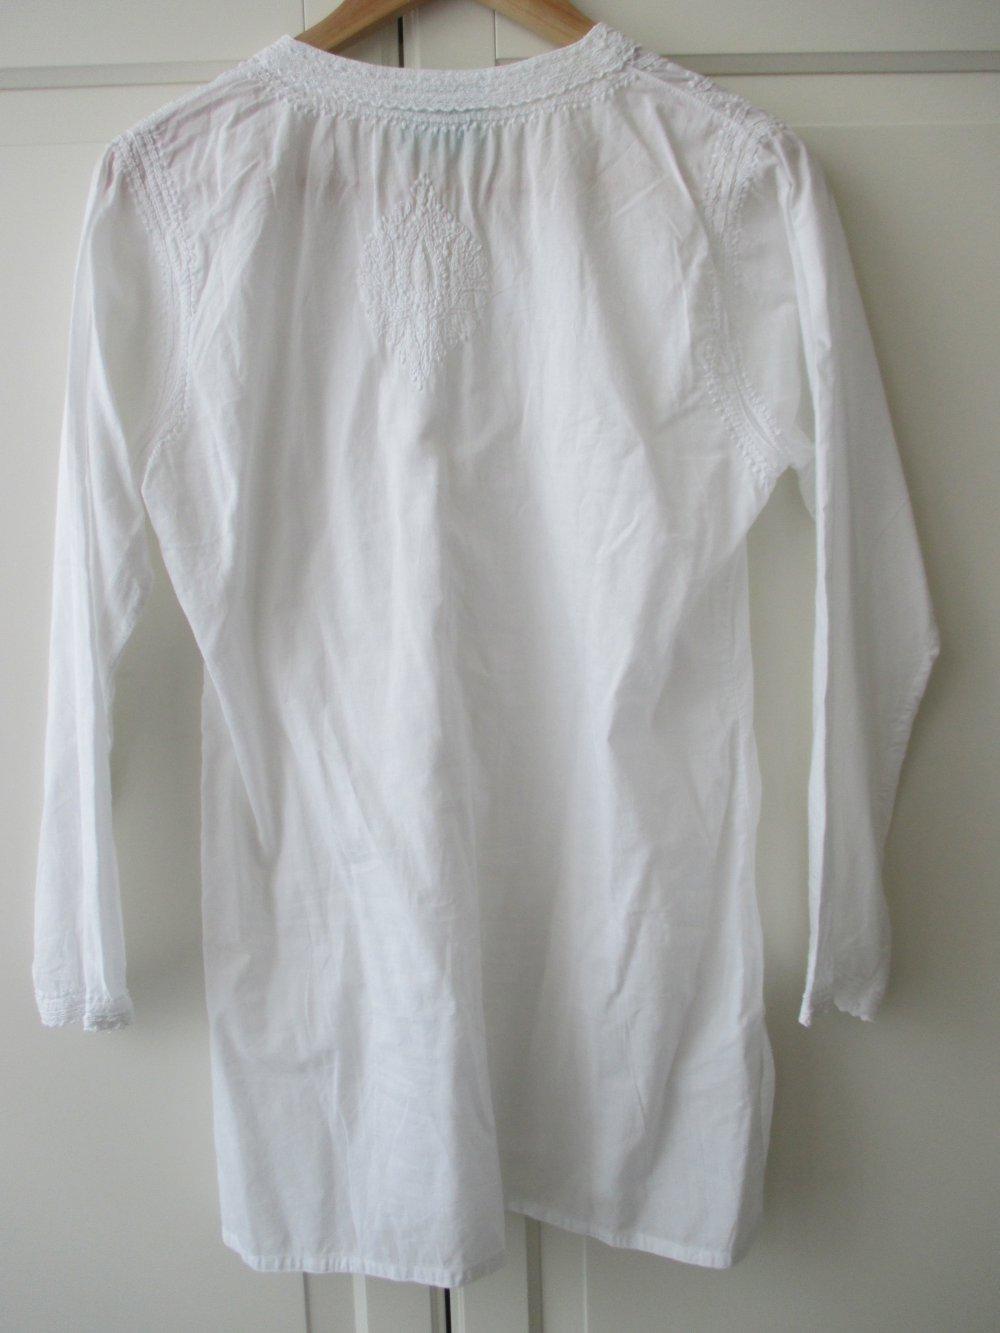 32a94bec1a71ea ... zuckersüße edle weiße Tunika von Die Spiegelburg, Ton - in Ton  Stickereien, ...